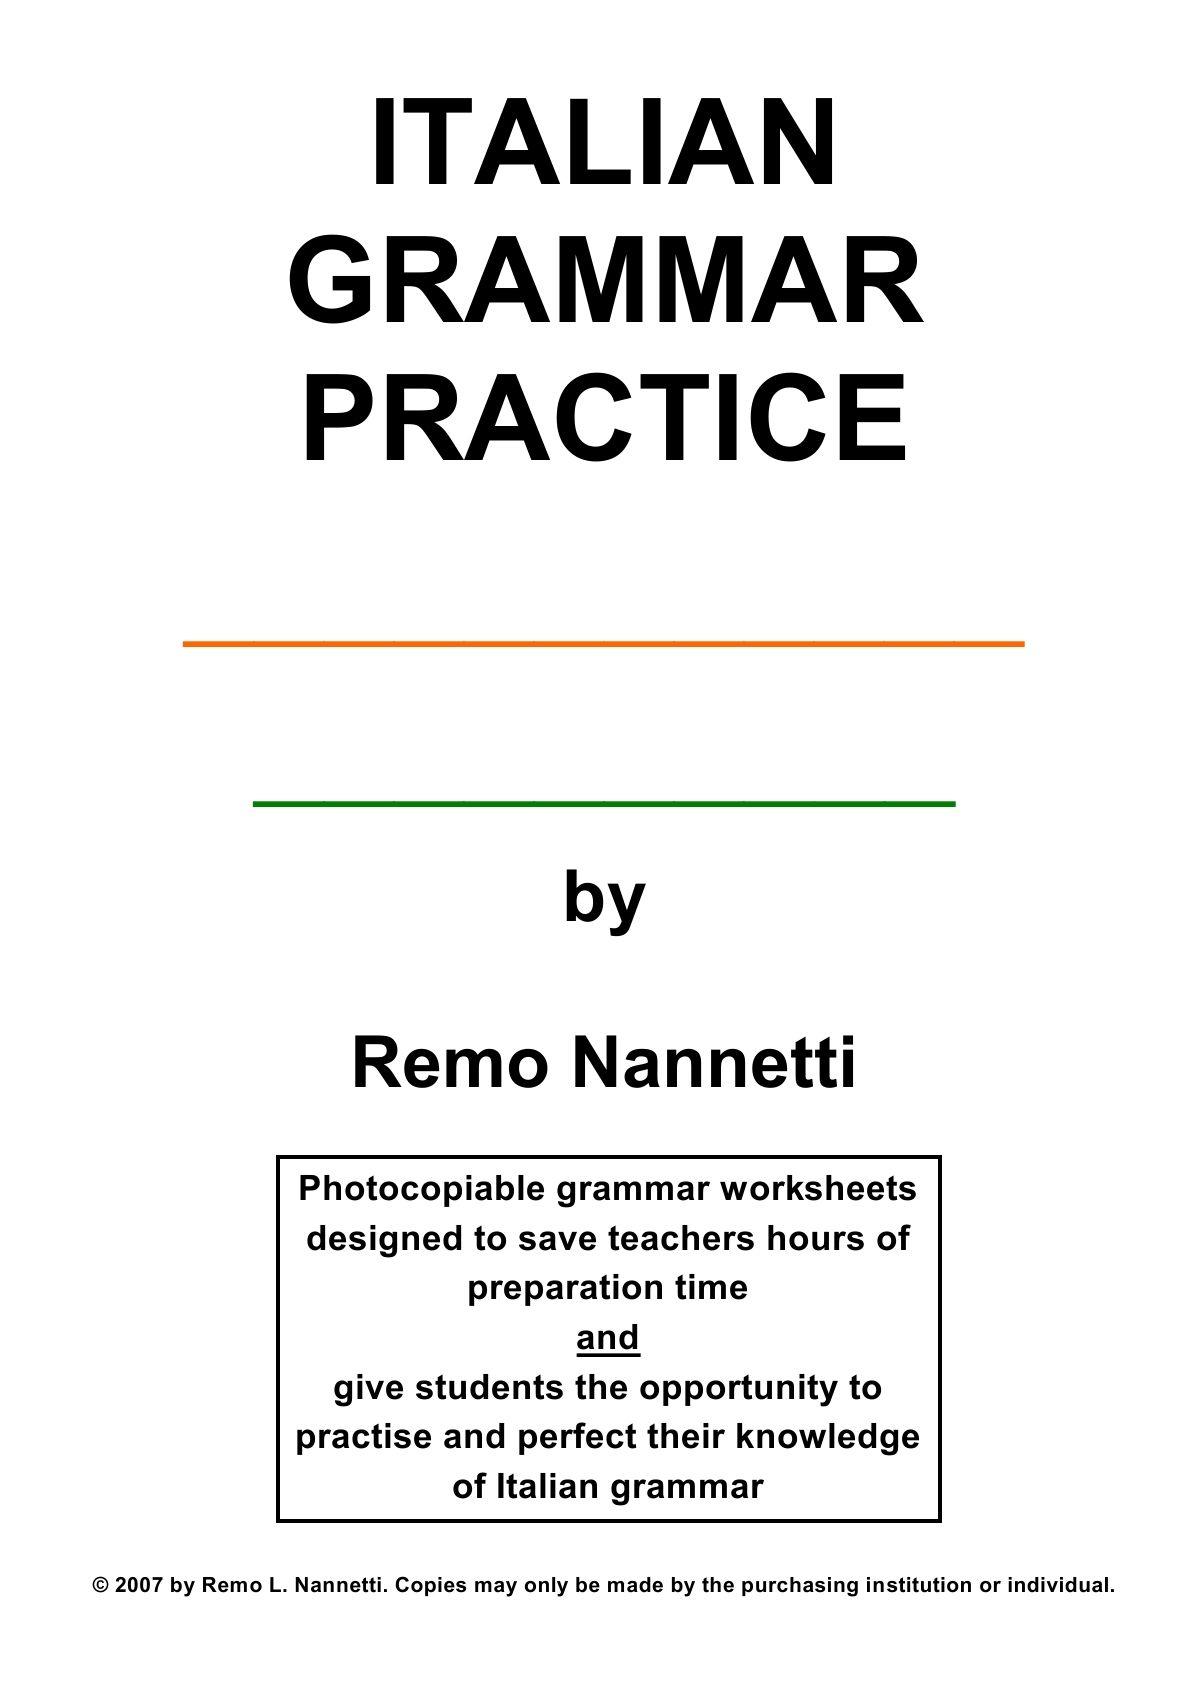 Italian Grammar Exercises And Homework Activities